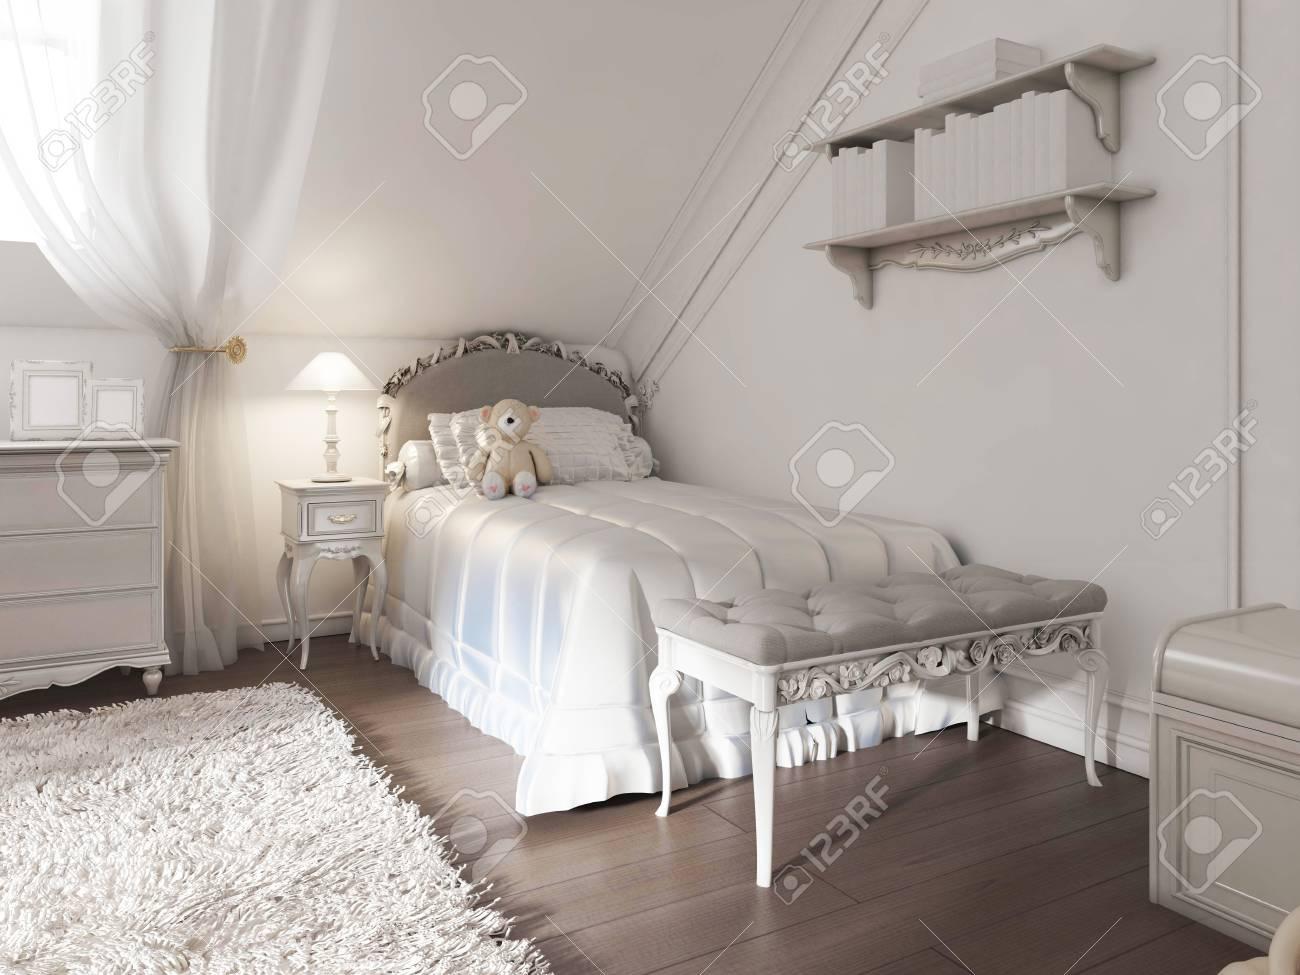 Kinder Weissen Bett Mit Decke Und Kissen Im Art Deco Stil Das Bett